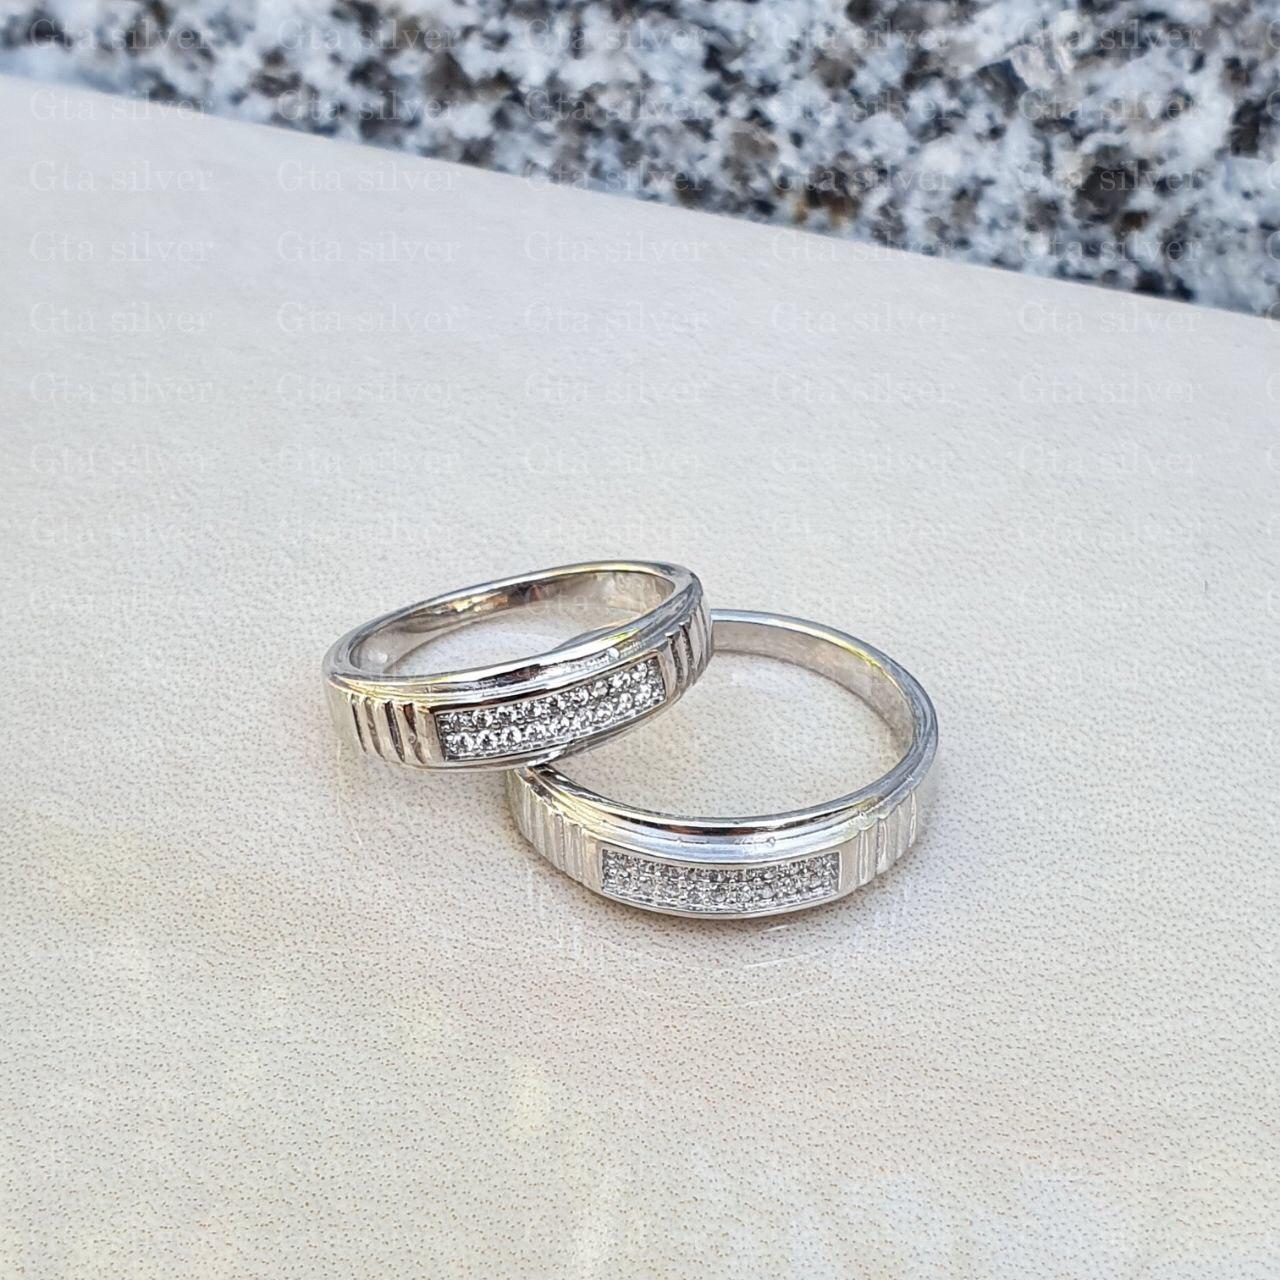 ست حلقه ازدواج وزن 6 گرم مدل 60